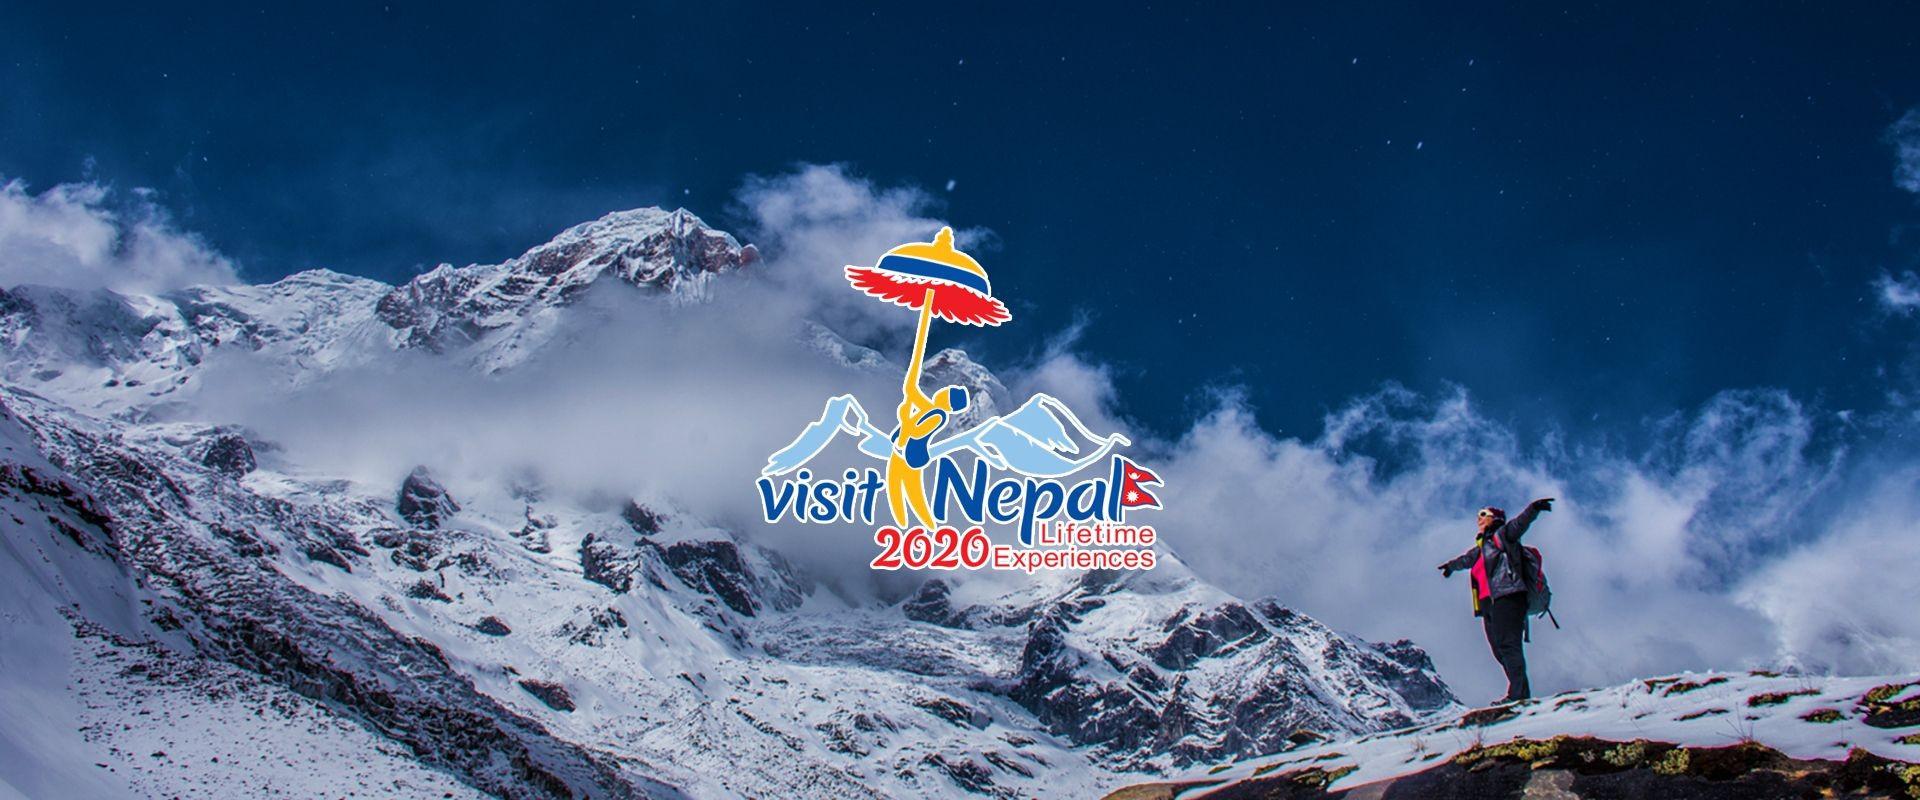 तस्बिर स्राेत: नेपाल पर्यटन बाेर्ड